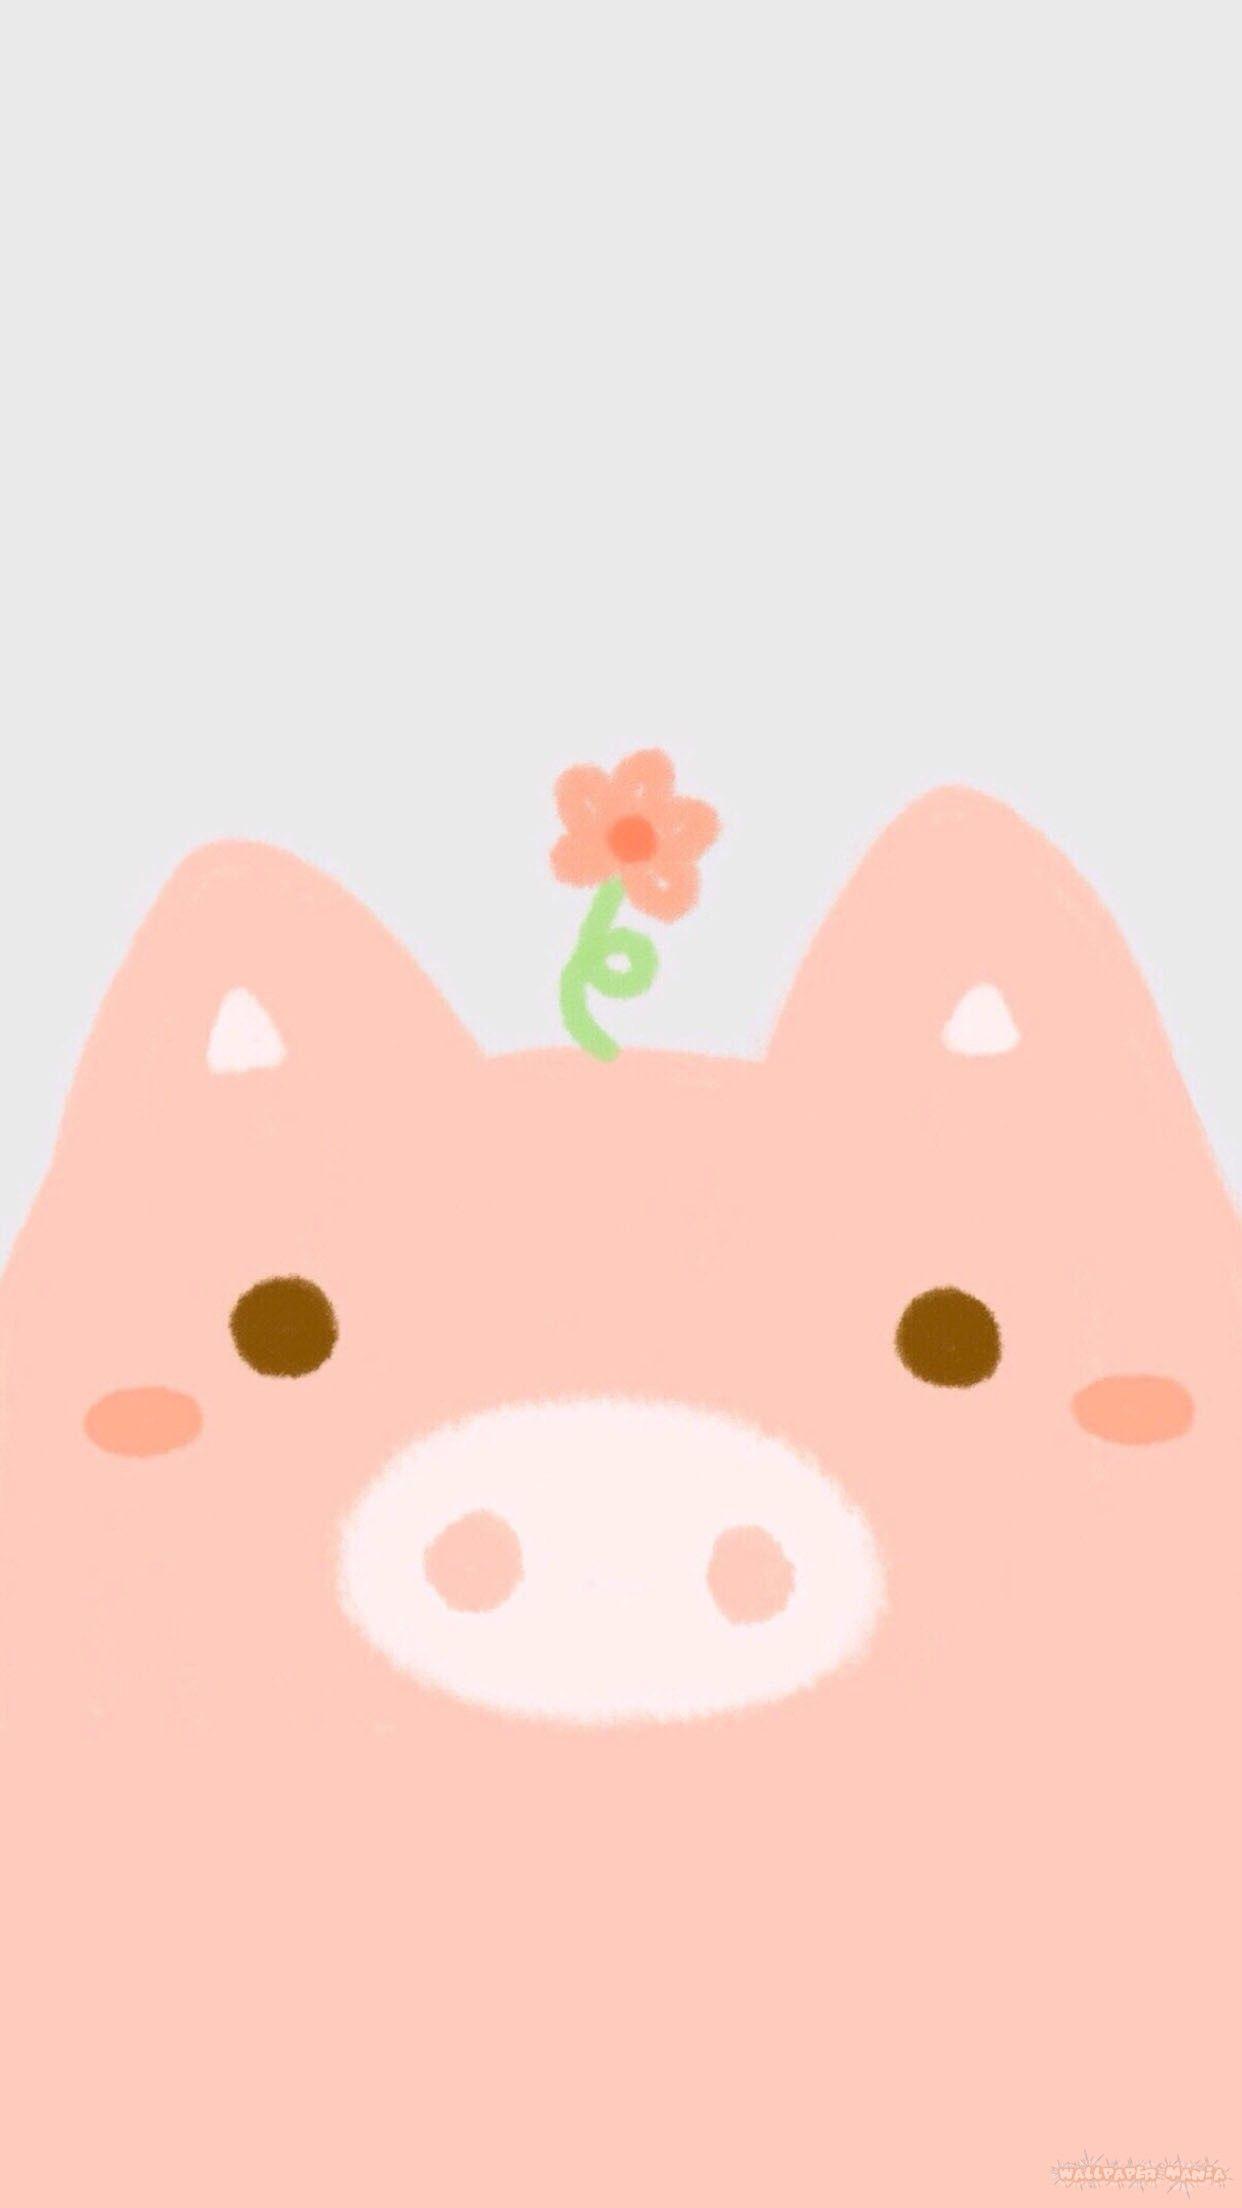 Vertical Cute Pig Wallpaper 1242 2208 Https Www Wallpapermania Website P 25605 Pig Wallpaper Cute Pigs Wallpaper